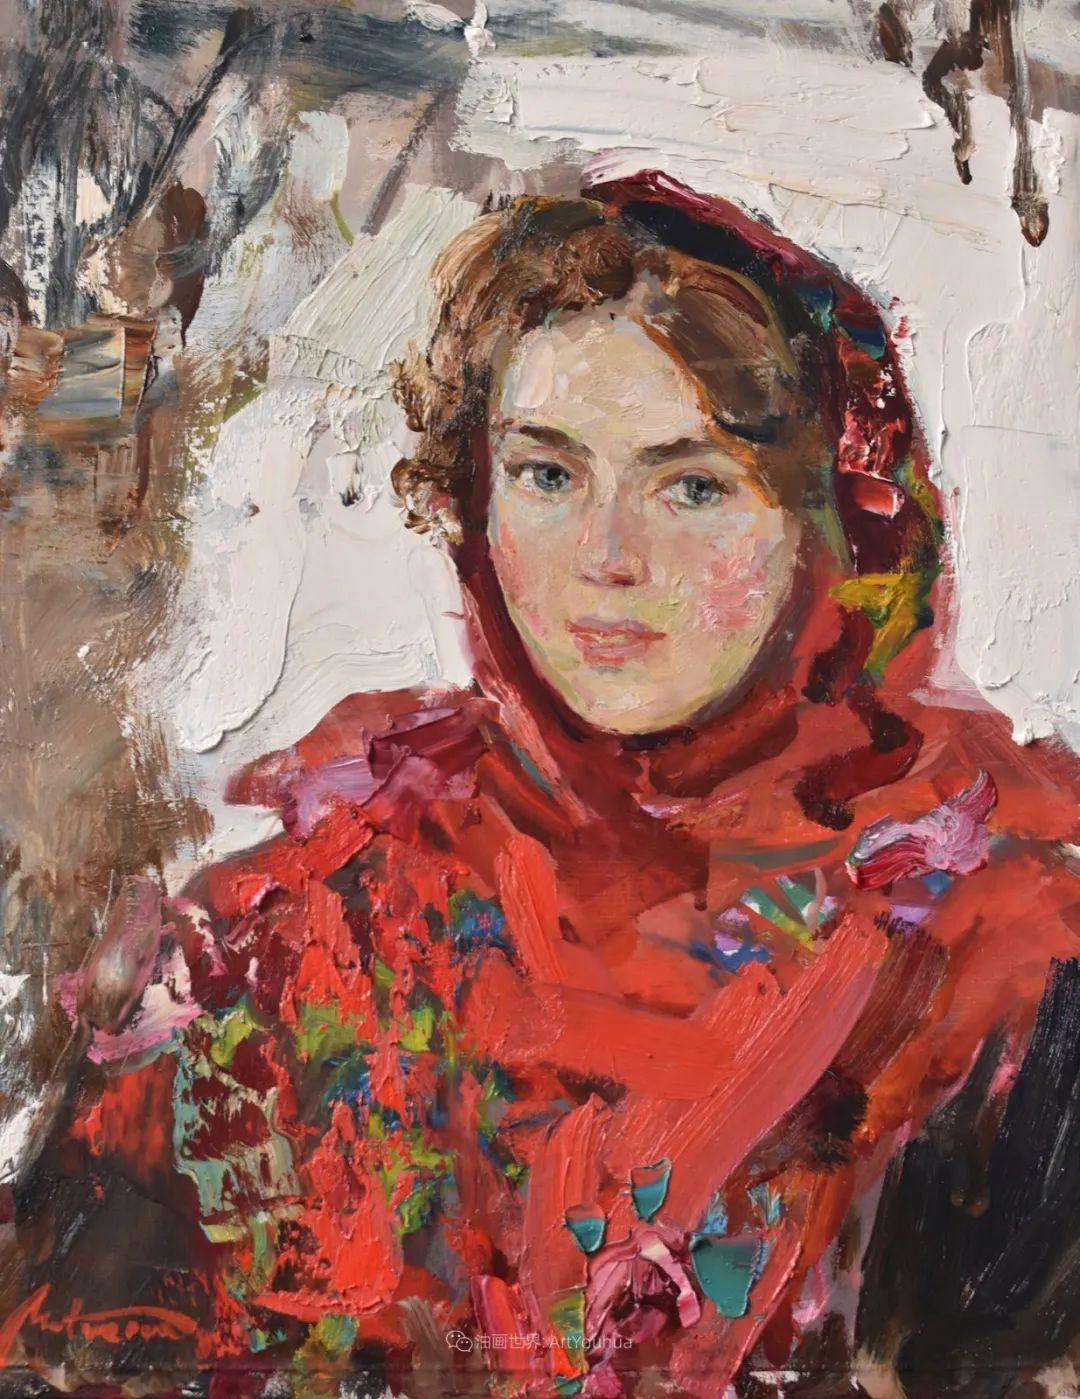 超美的具象油画色彩,俄罗斯青年女画家Anastasiya Matveeva插图21